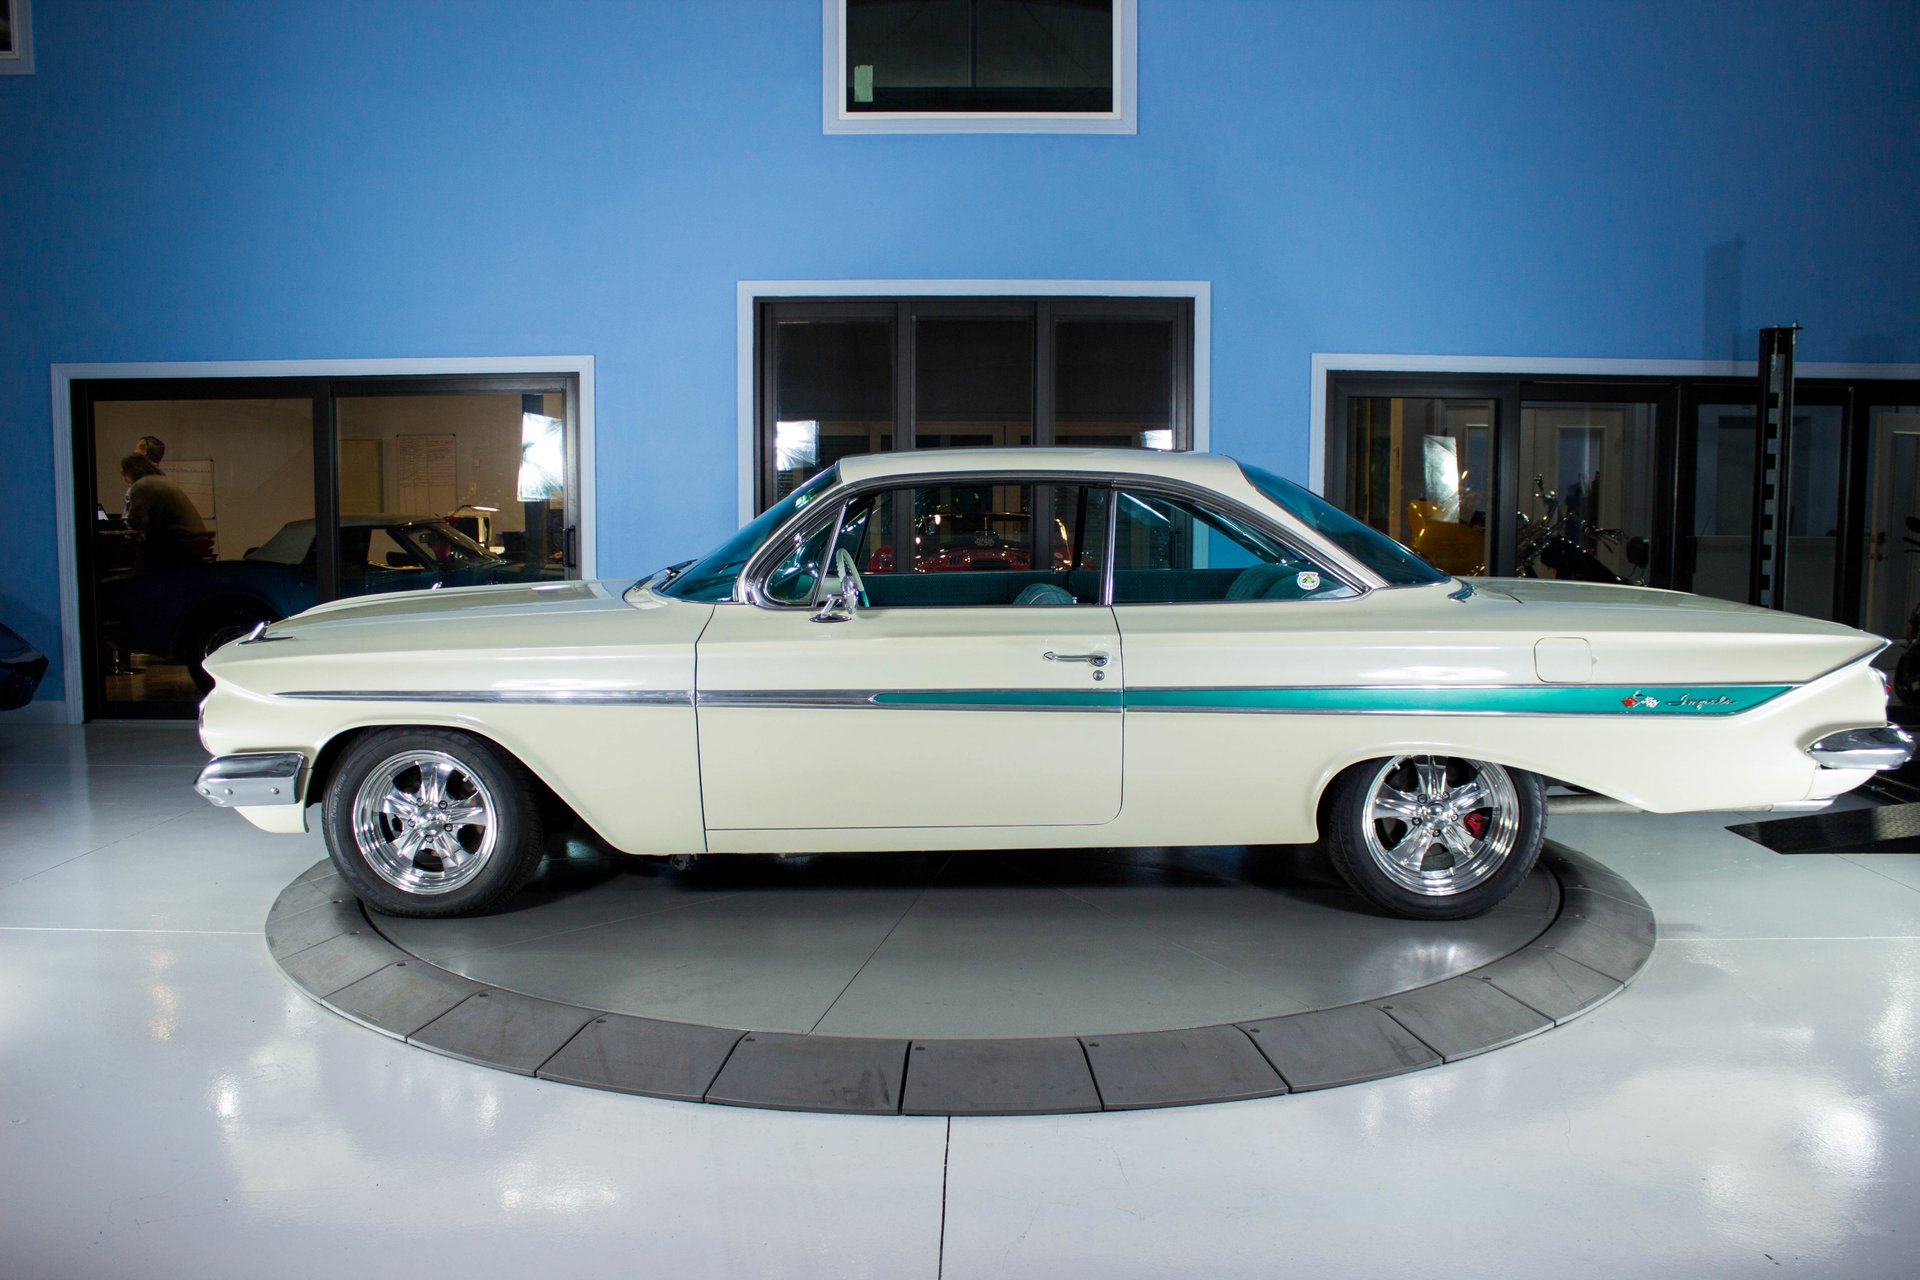 1960 Chevy Impala Bubble Top Custom